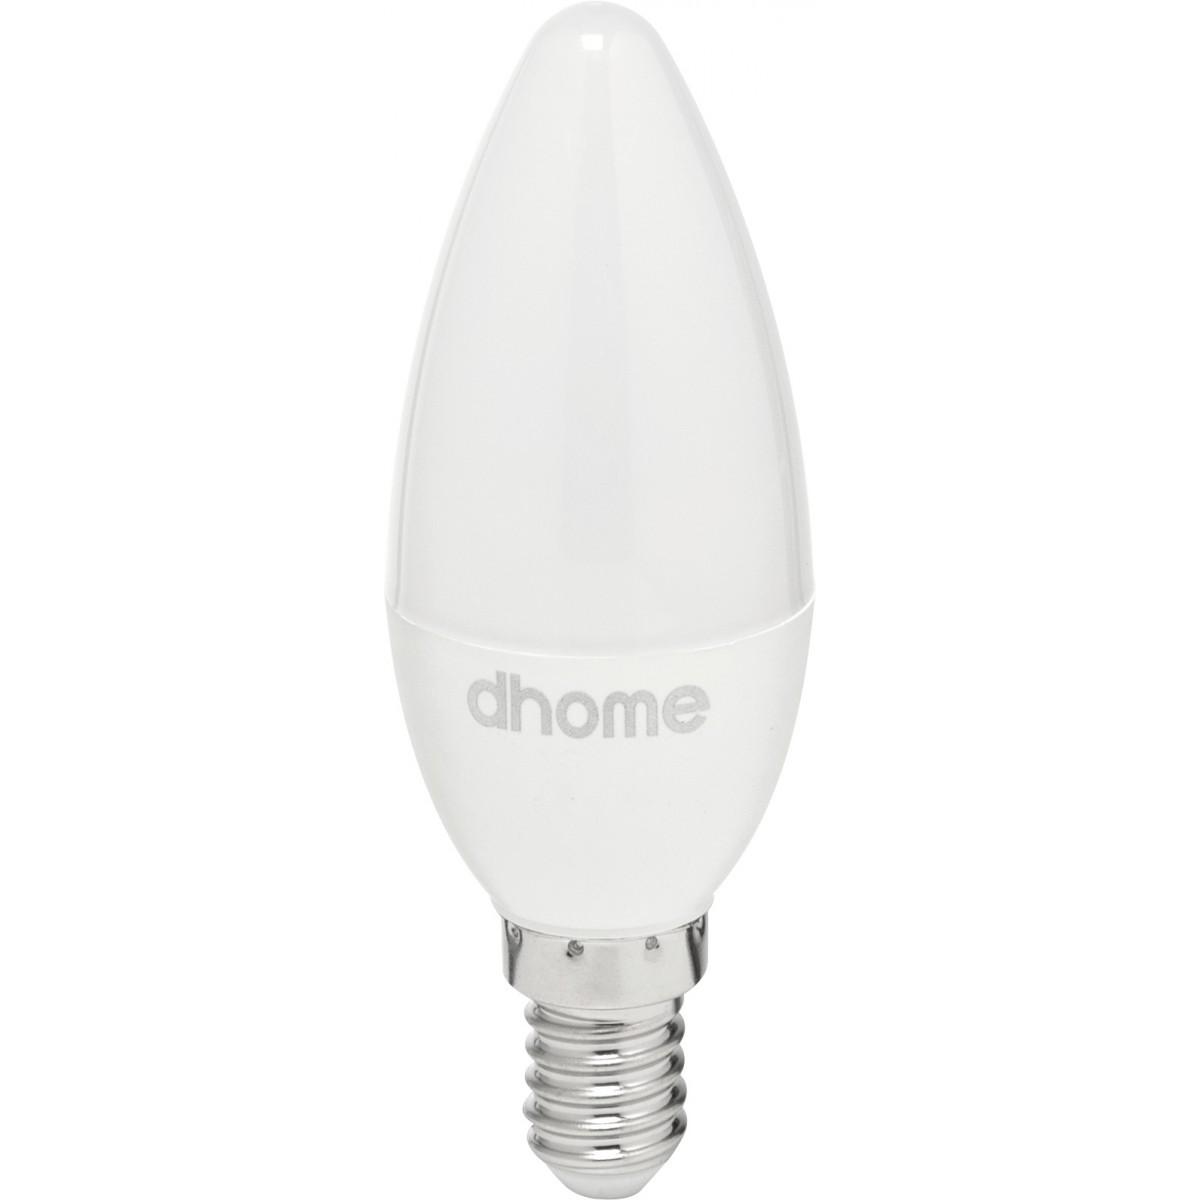 Ampoule LED flamme E14 dhome - 470 Lumens - 5 W - 2700 K - Vendu par 2